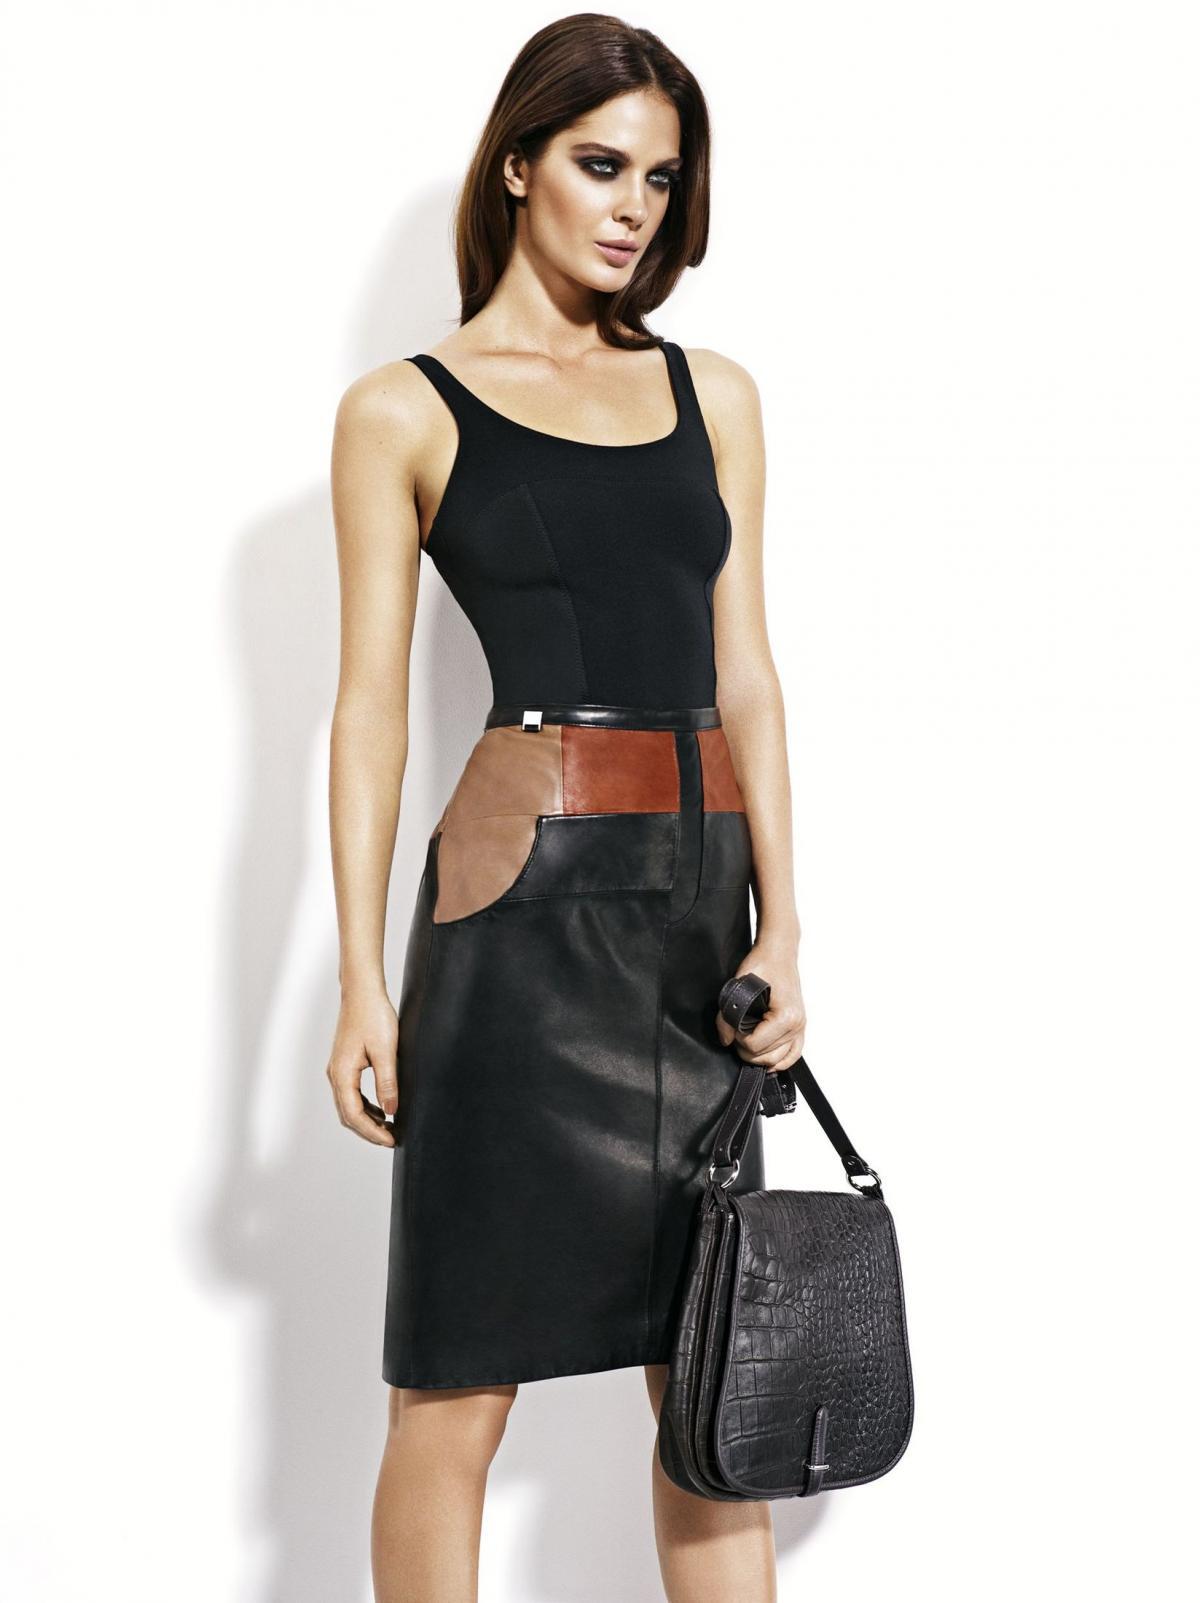 czarna torebka Ochnik  - trendy 2013